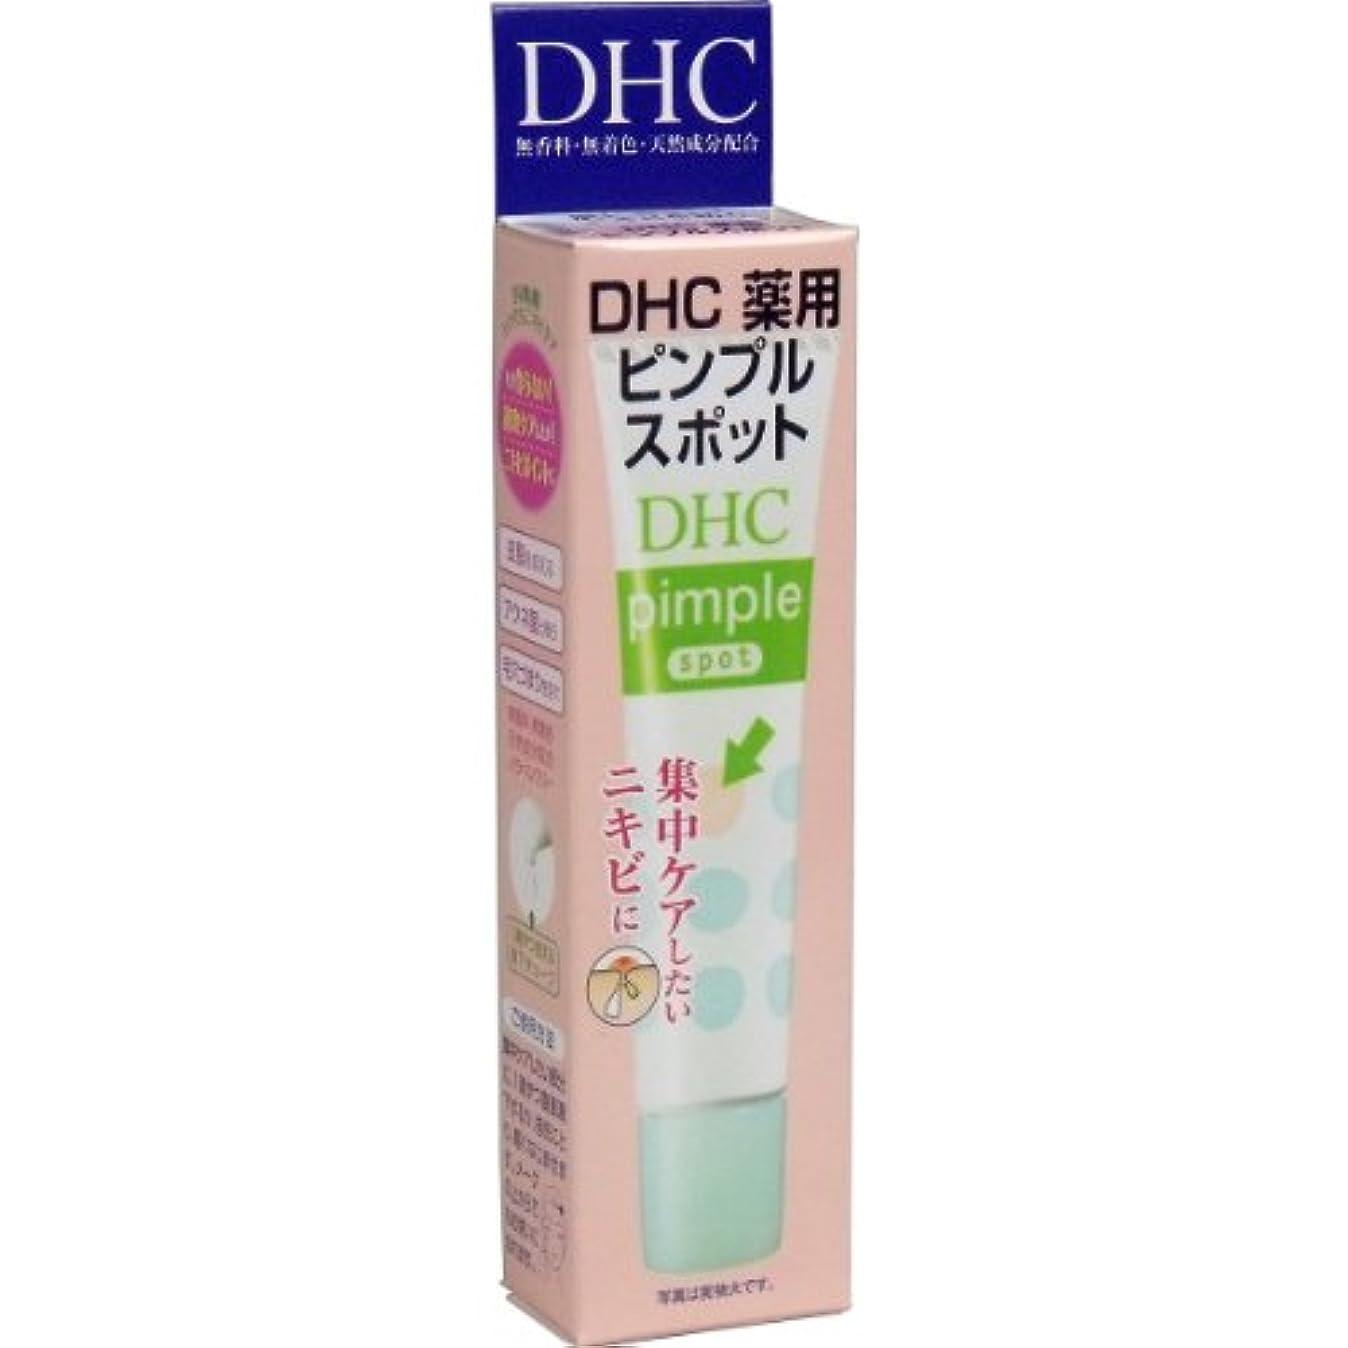 コンサート欠乏銀【まとめ買い】DHC薬用ピンプルスポット 15ml ×2セット